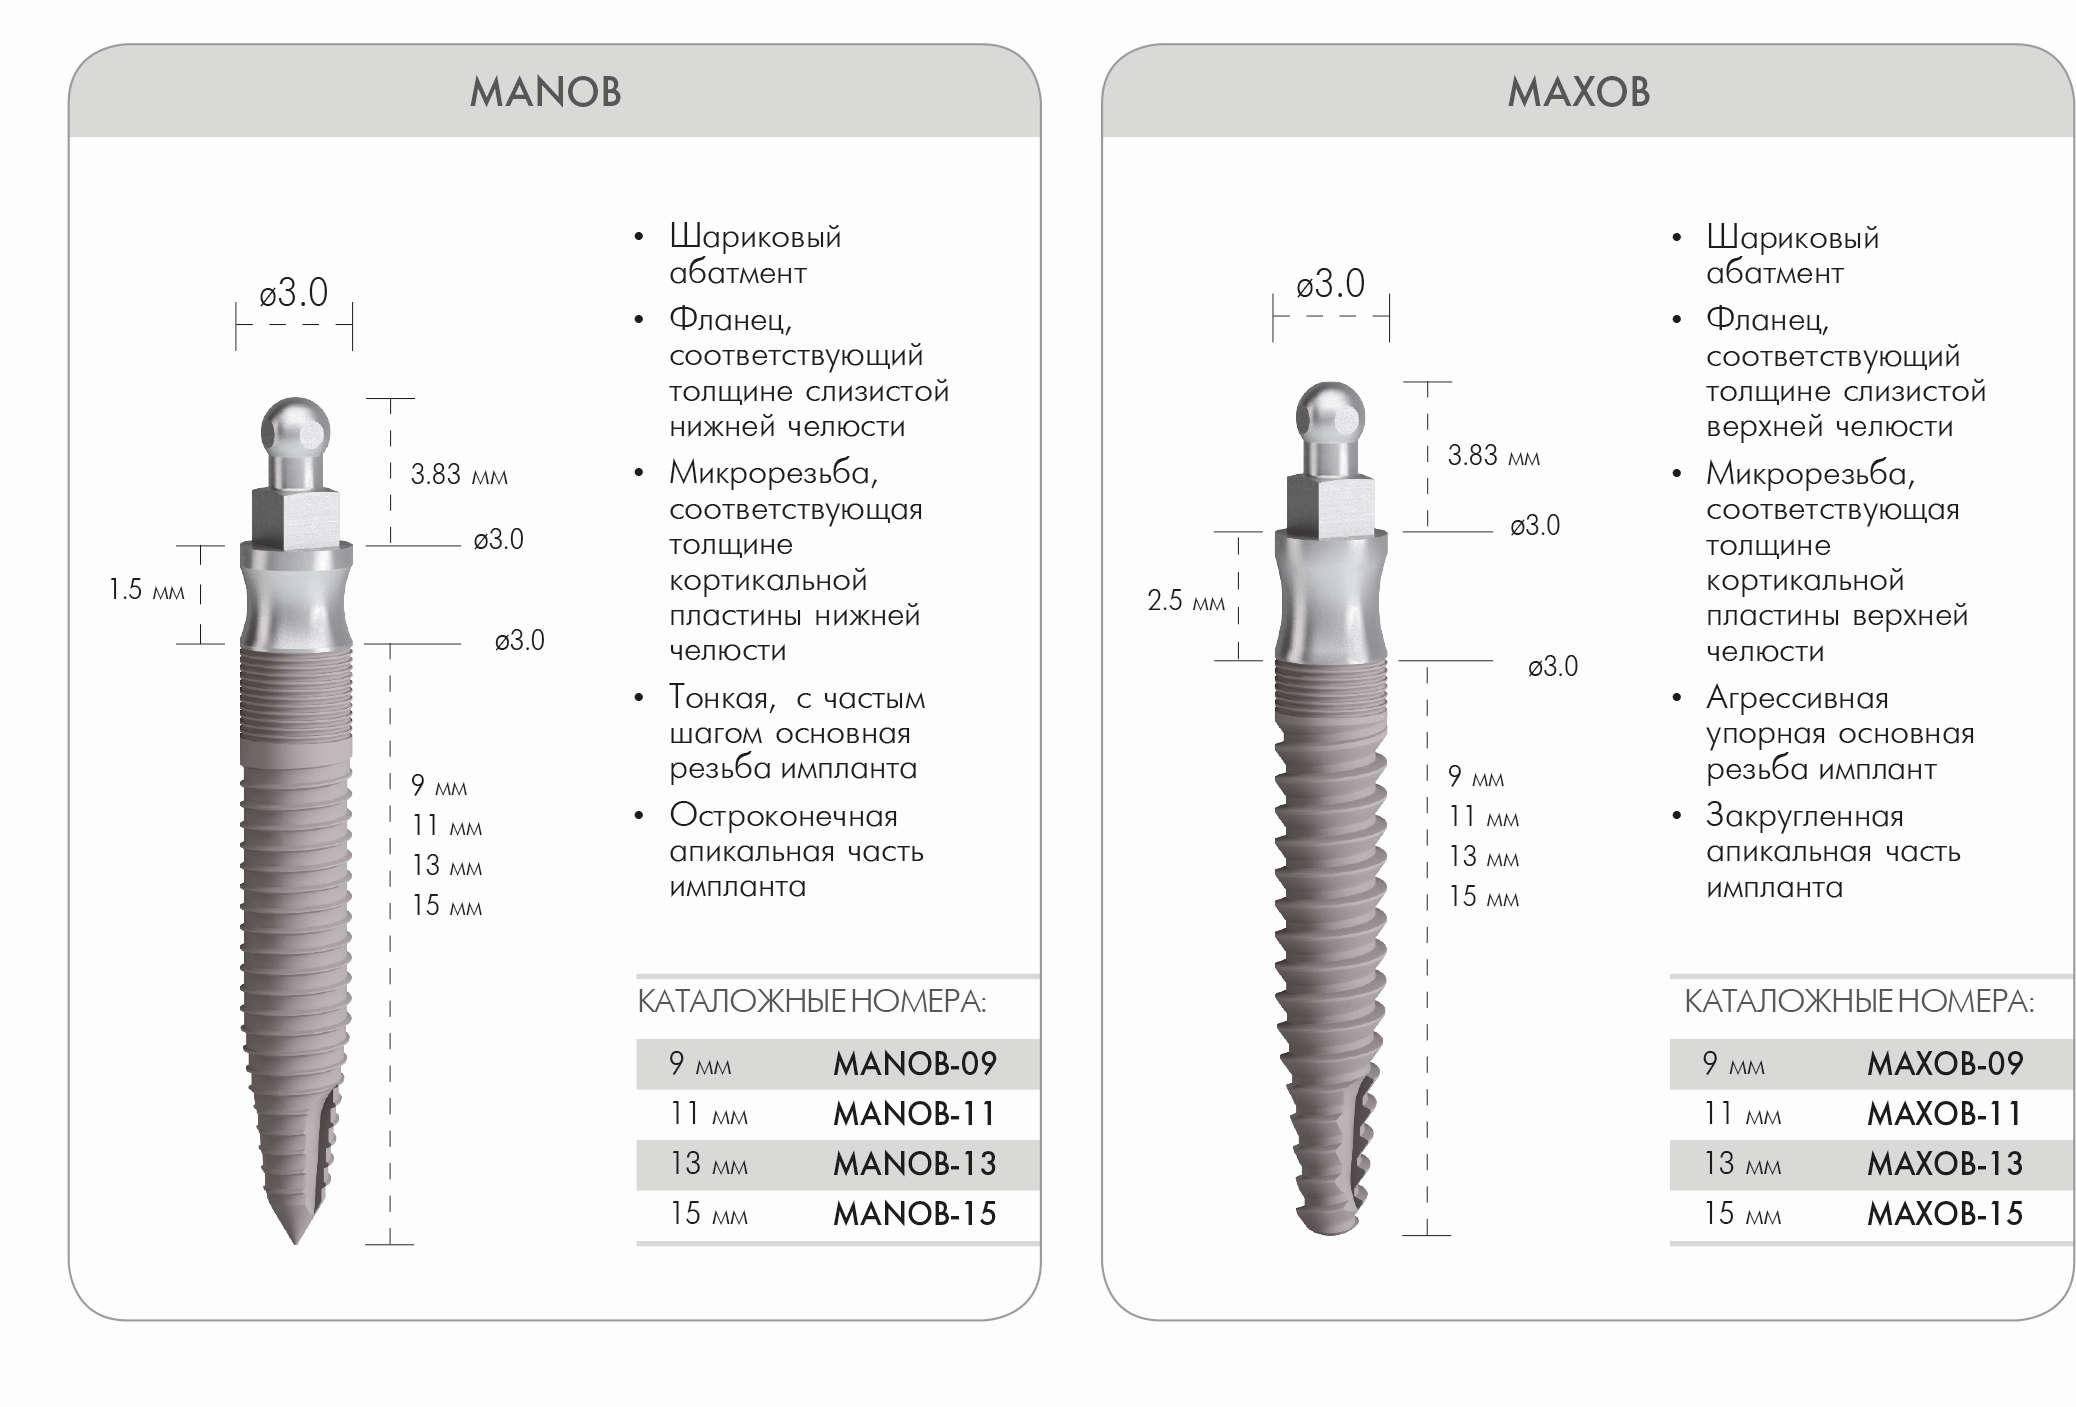 Имплант с агрессивной резьбой, диаметр 3 мм, высота 13 мм